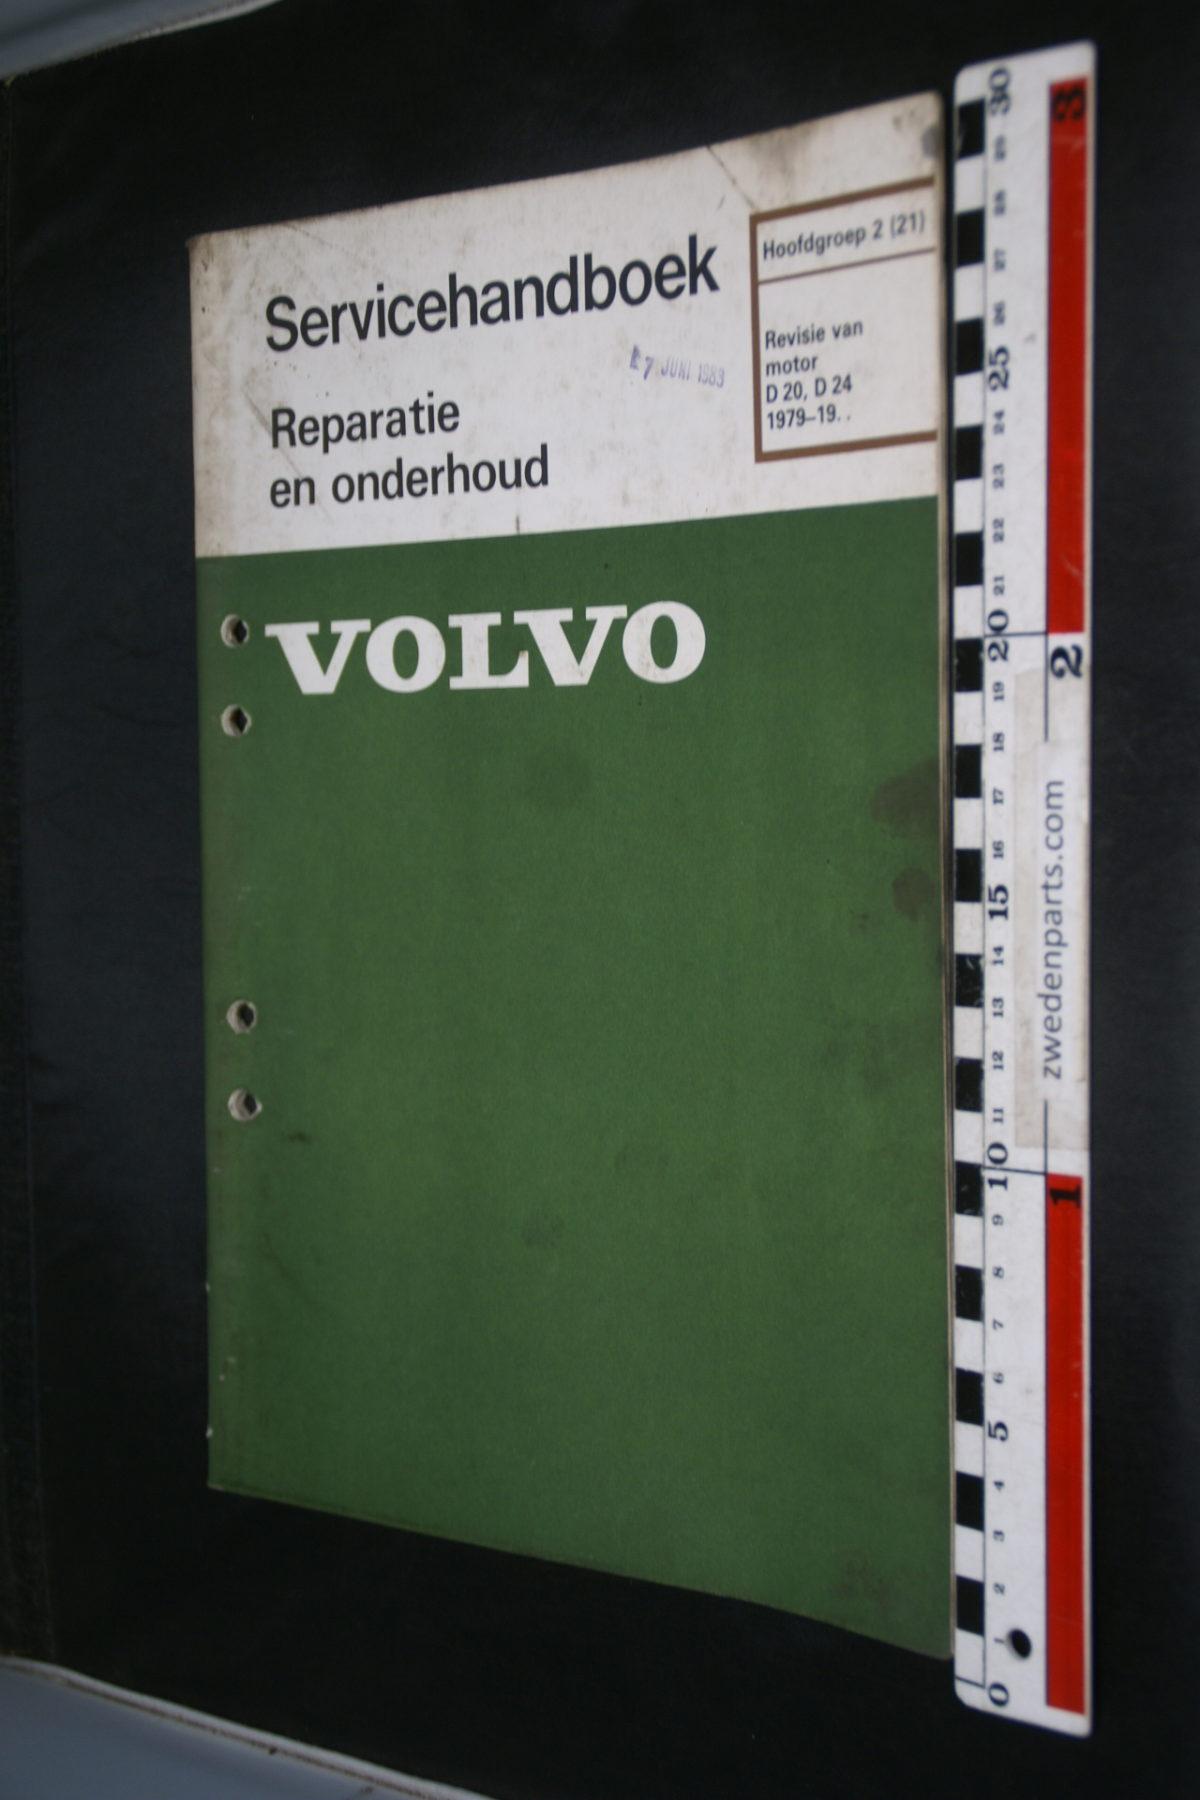 DSC08475 1983 origineel Volvo 240 servicehandboek  2 (21) motor D20, D24 1 van 800 TP 30228-2